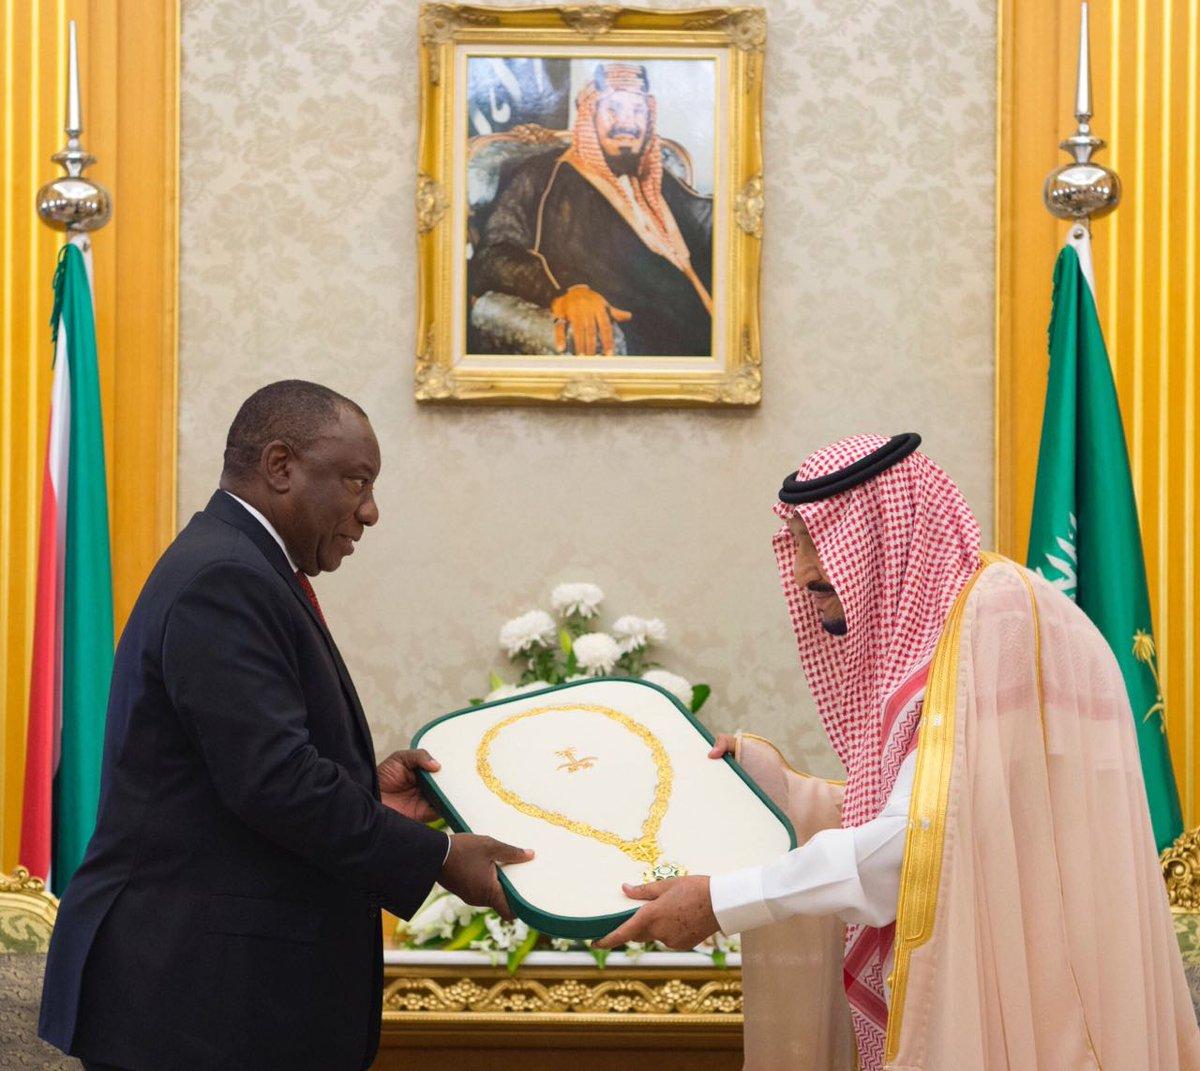 خادم الحرمين يهدي رئيس جنوب أفريقيا قلادة الملك عبدالعزيز